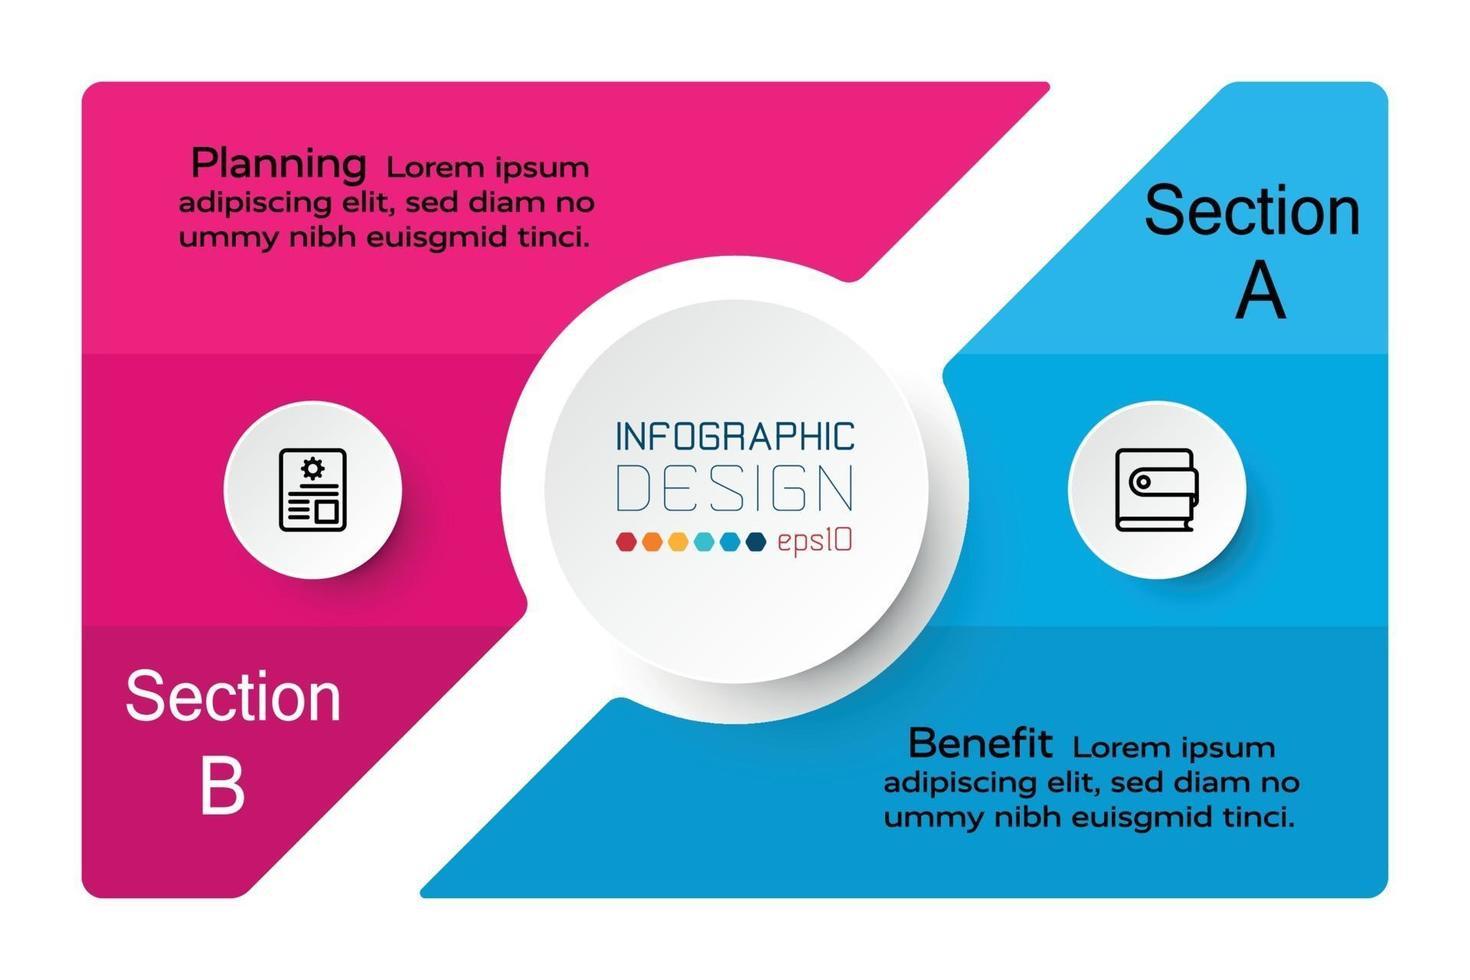 conception carrée par segmentation montrant le travail de groupe, applicable au travail d'équipe, aux affaires, au marketing. illustration vectorielle infographique. vecteur